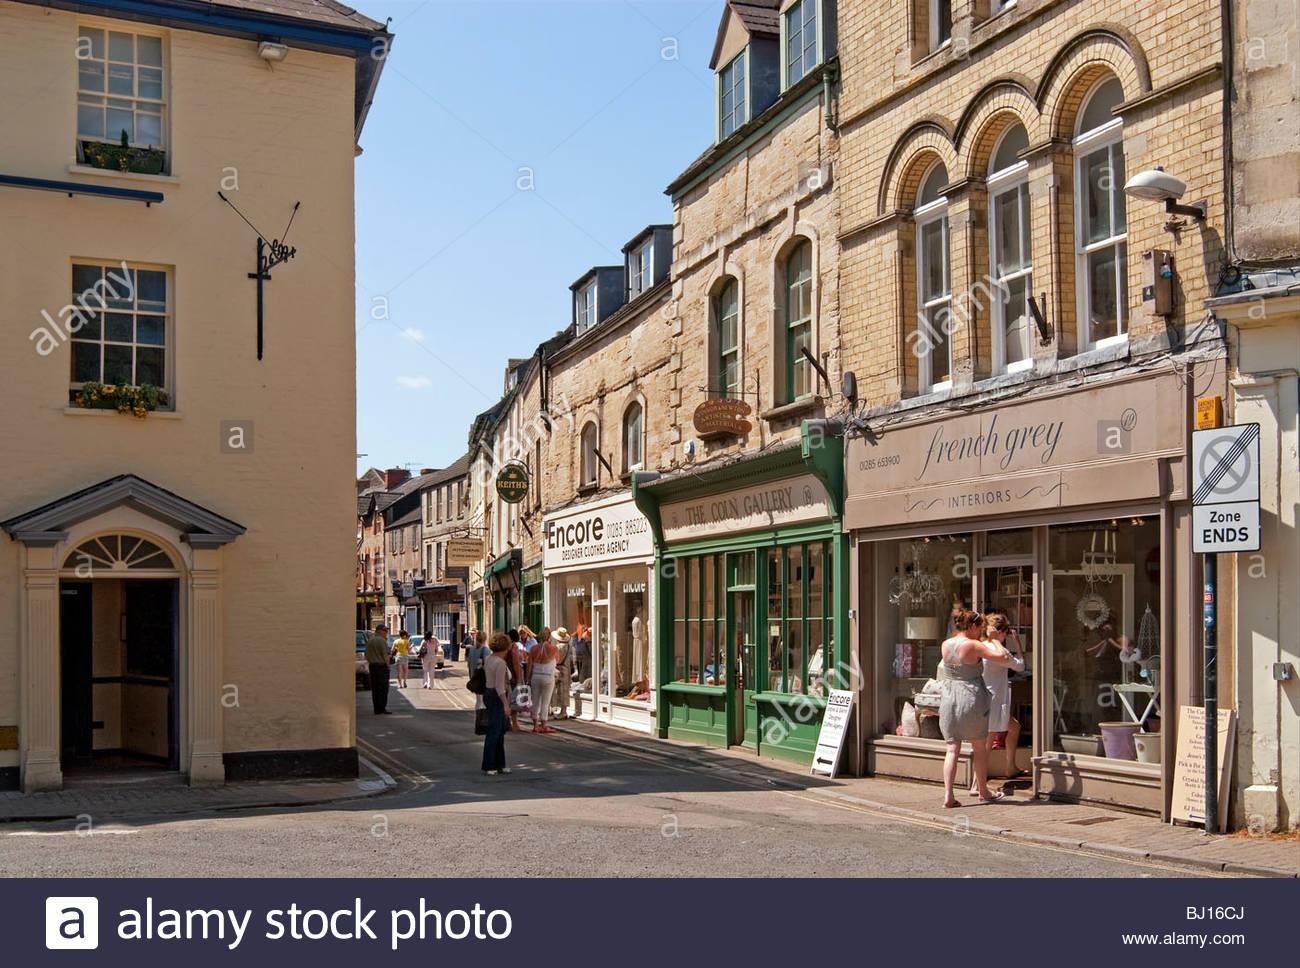 Bild der Stadt Zentrum von Cirencester Marktflecken im Osten Gloucestershire, England. Stockbild